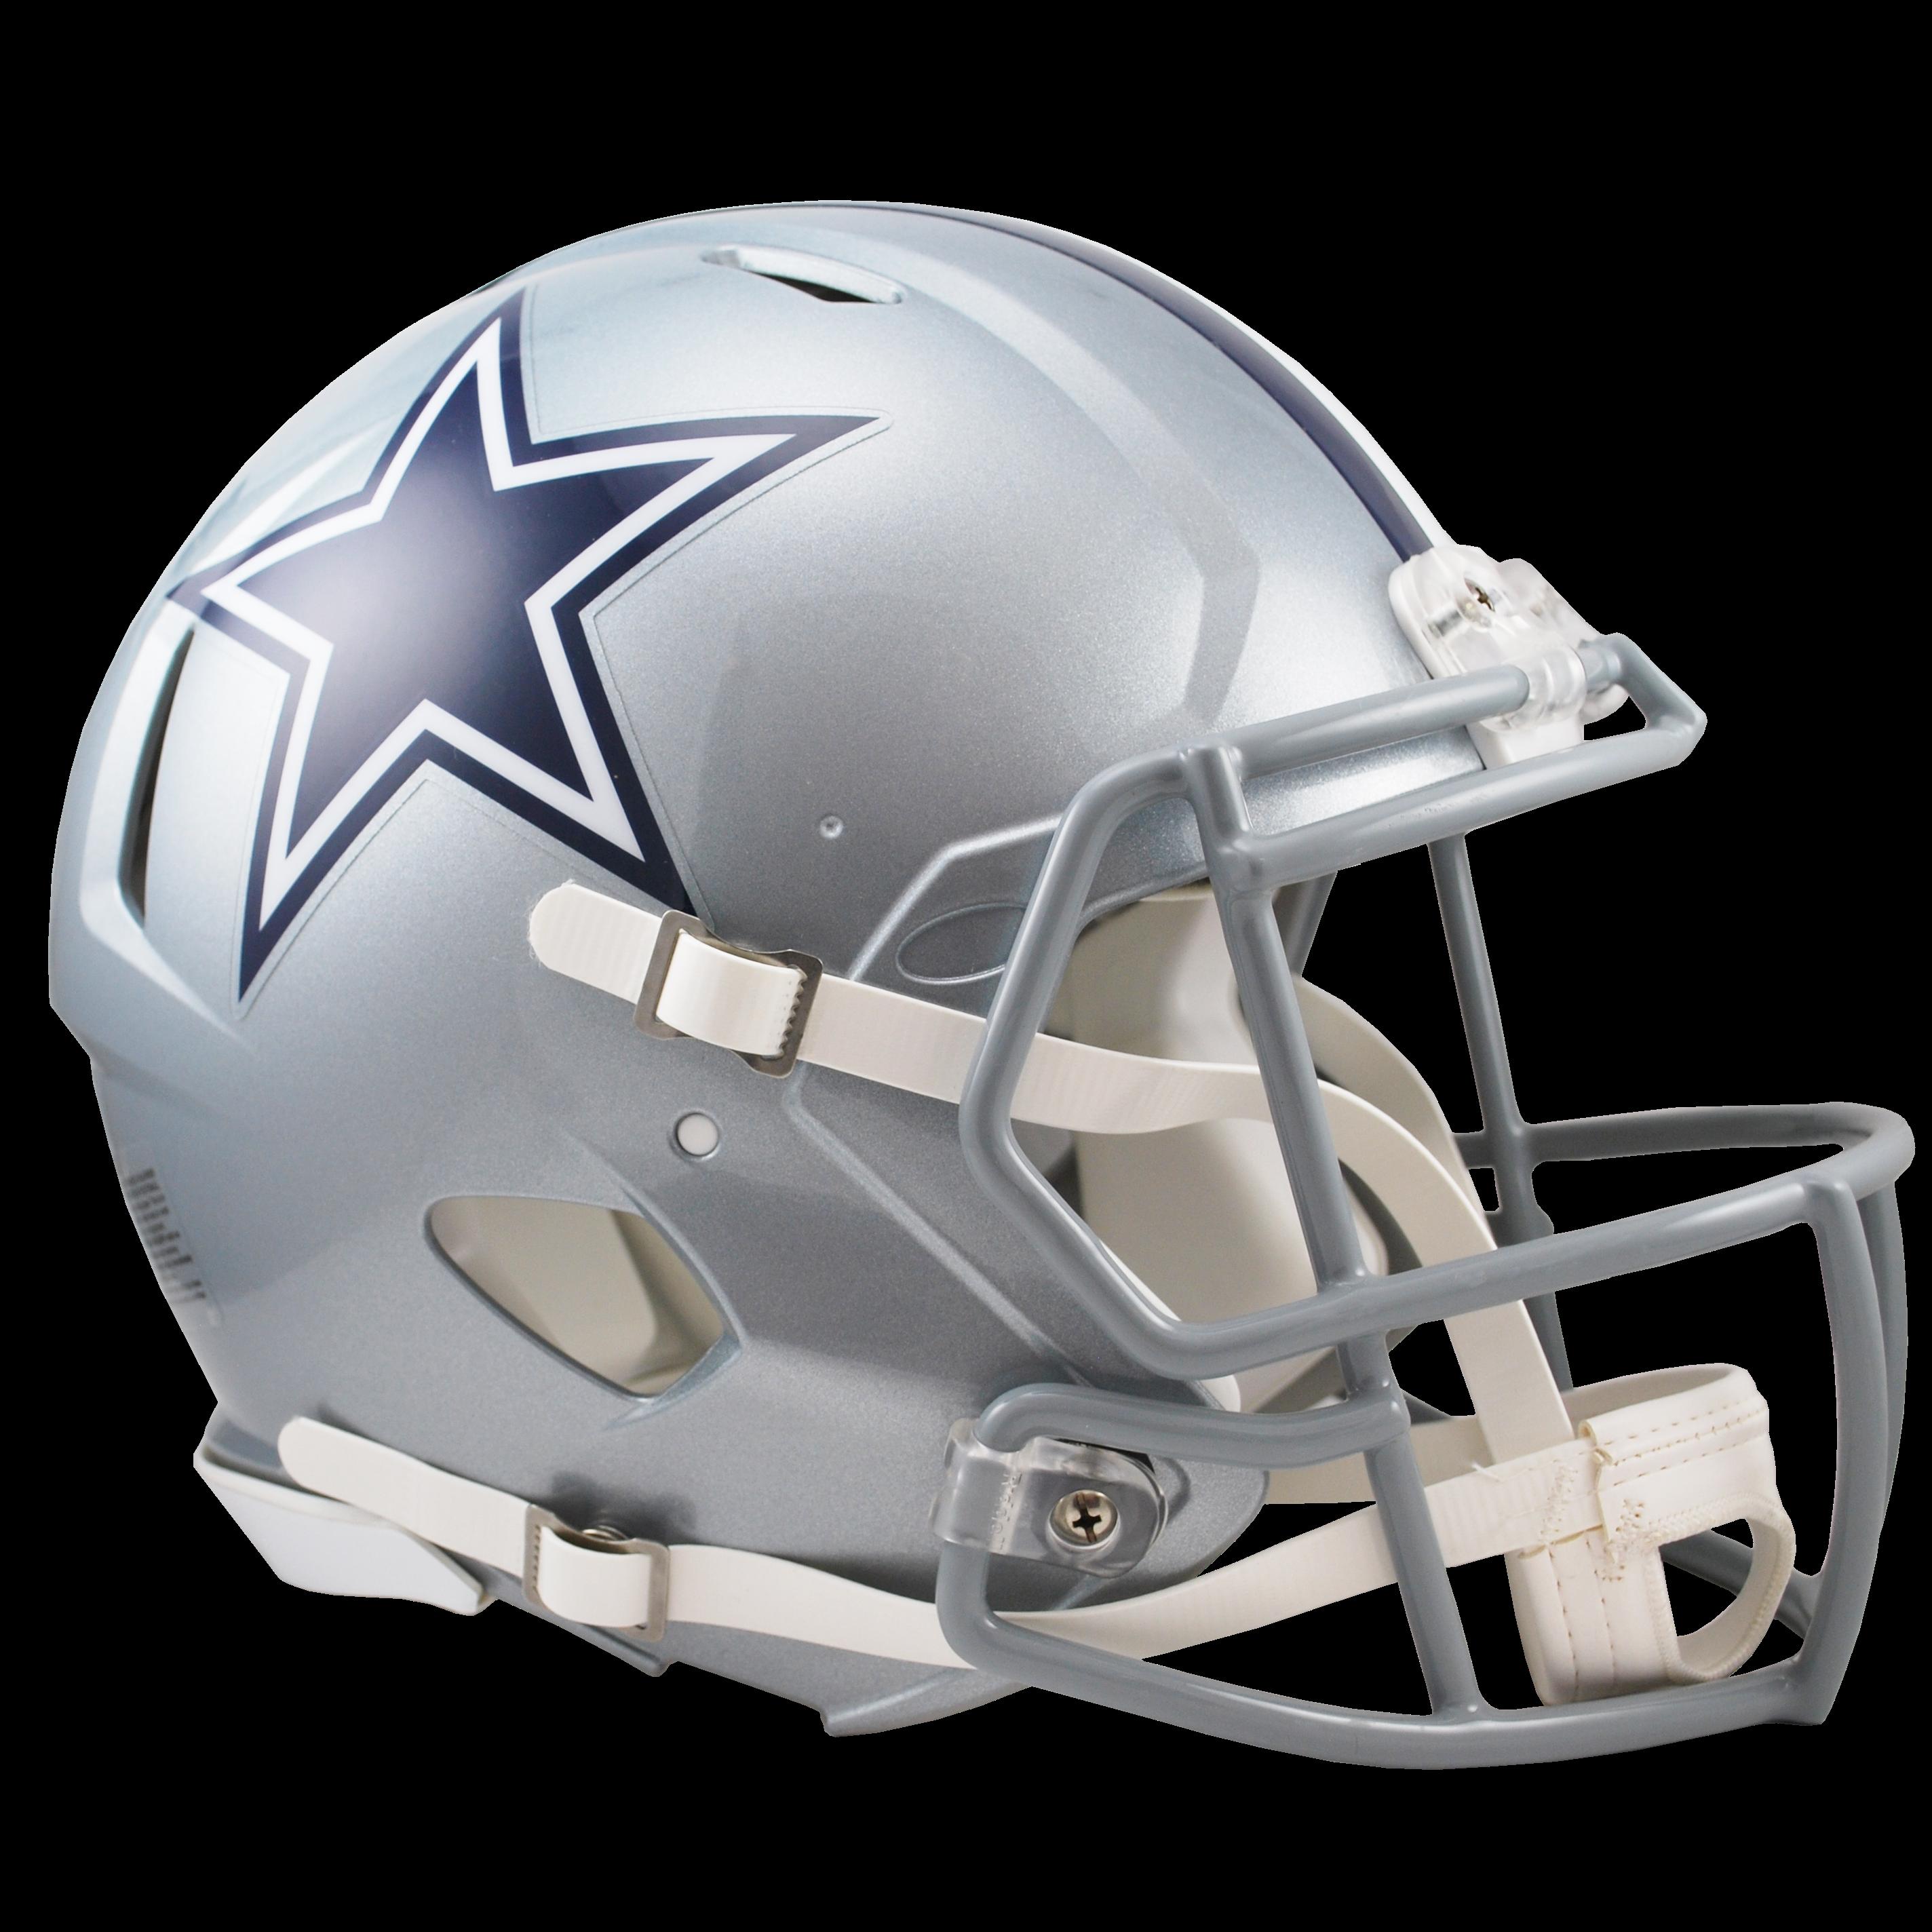 Dallas Cowboys Helmet Png (+).